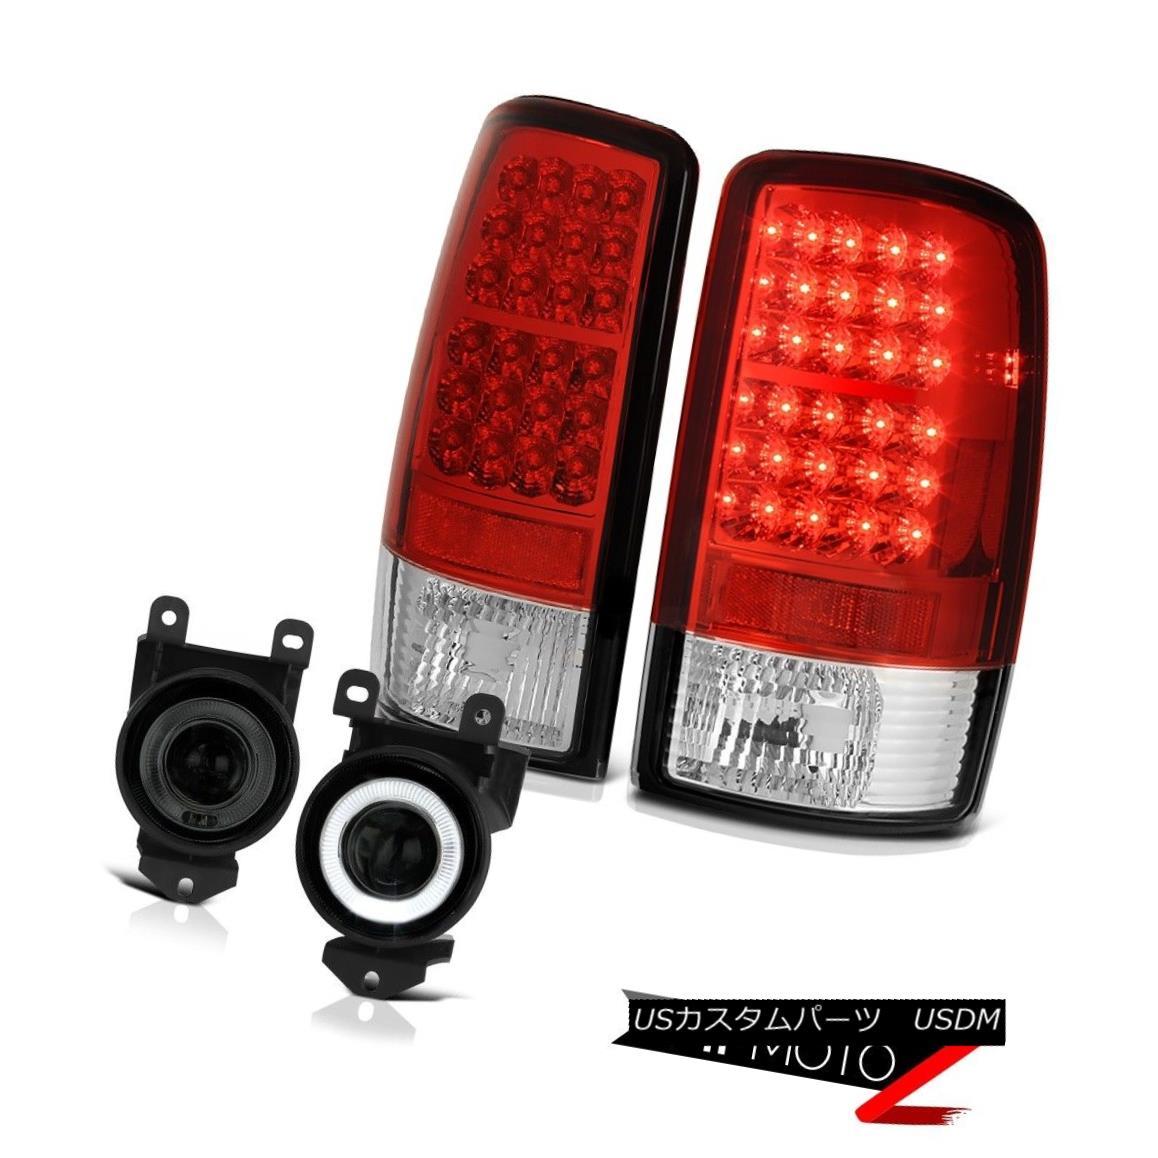 テールライト 00 01 02 03 04 05 06 Yukon LED Red Clear Tail Lights Tinted Smoke DRL FogLamps 00 01 02 03 04 05 06ユーコンLEDレッドクリアテールライトティンテッドスモークDRLフォグランプ